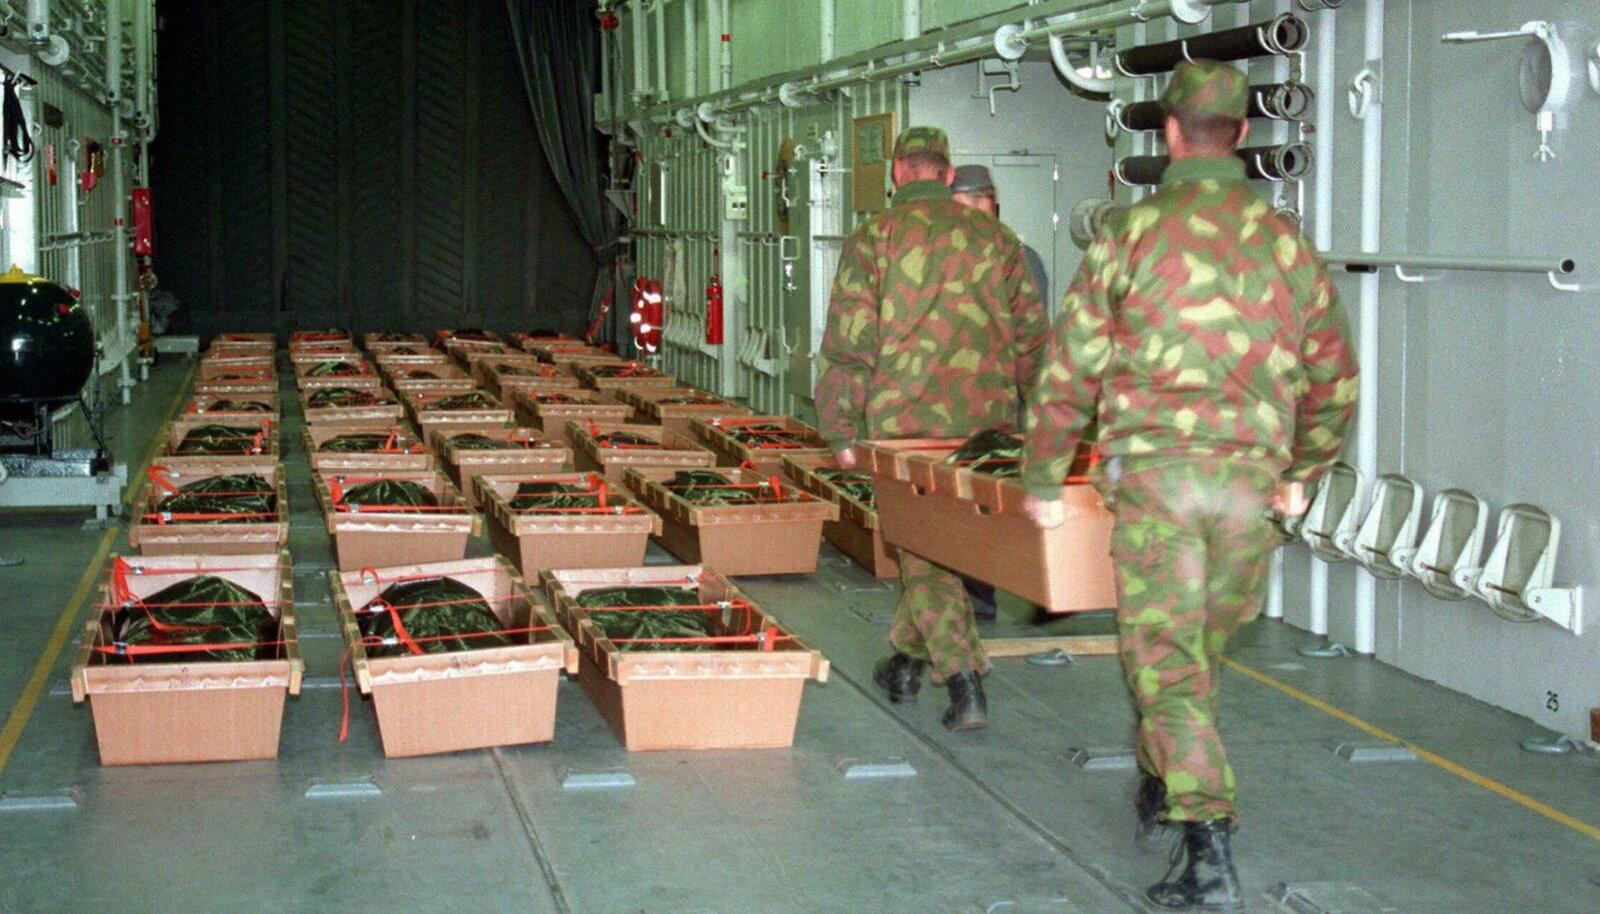 Soome ajateenijad parvlaevaõnnetuses hukkunutega. Foto pärineb 1994. aasta 29. septembrist.